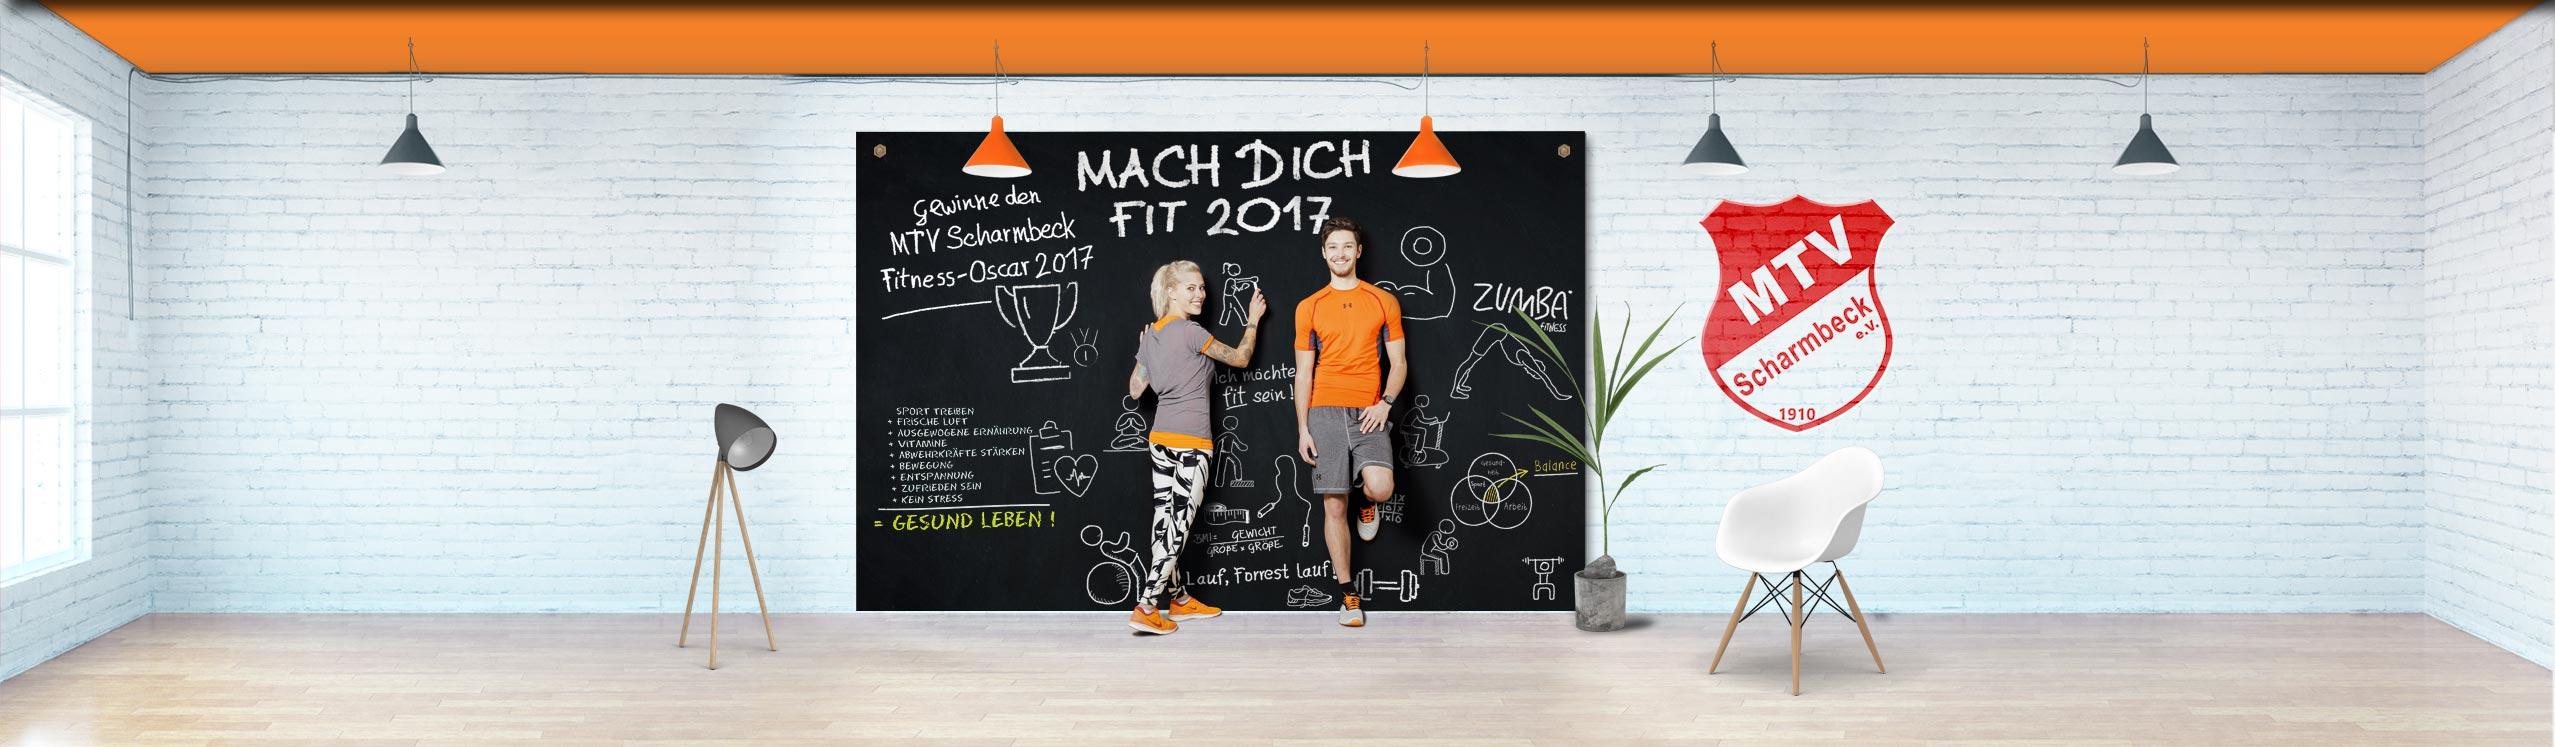 Mach Dich fit -sportverein Winsen - Scharmbeck